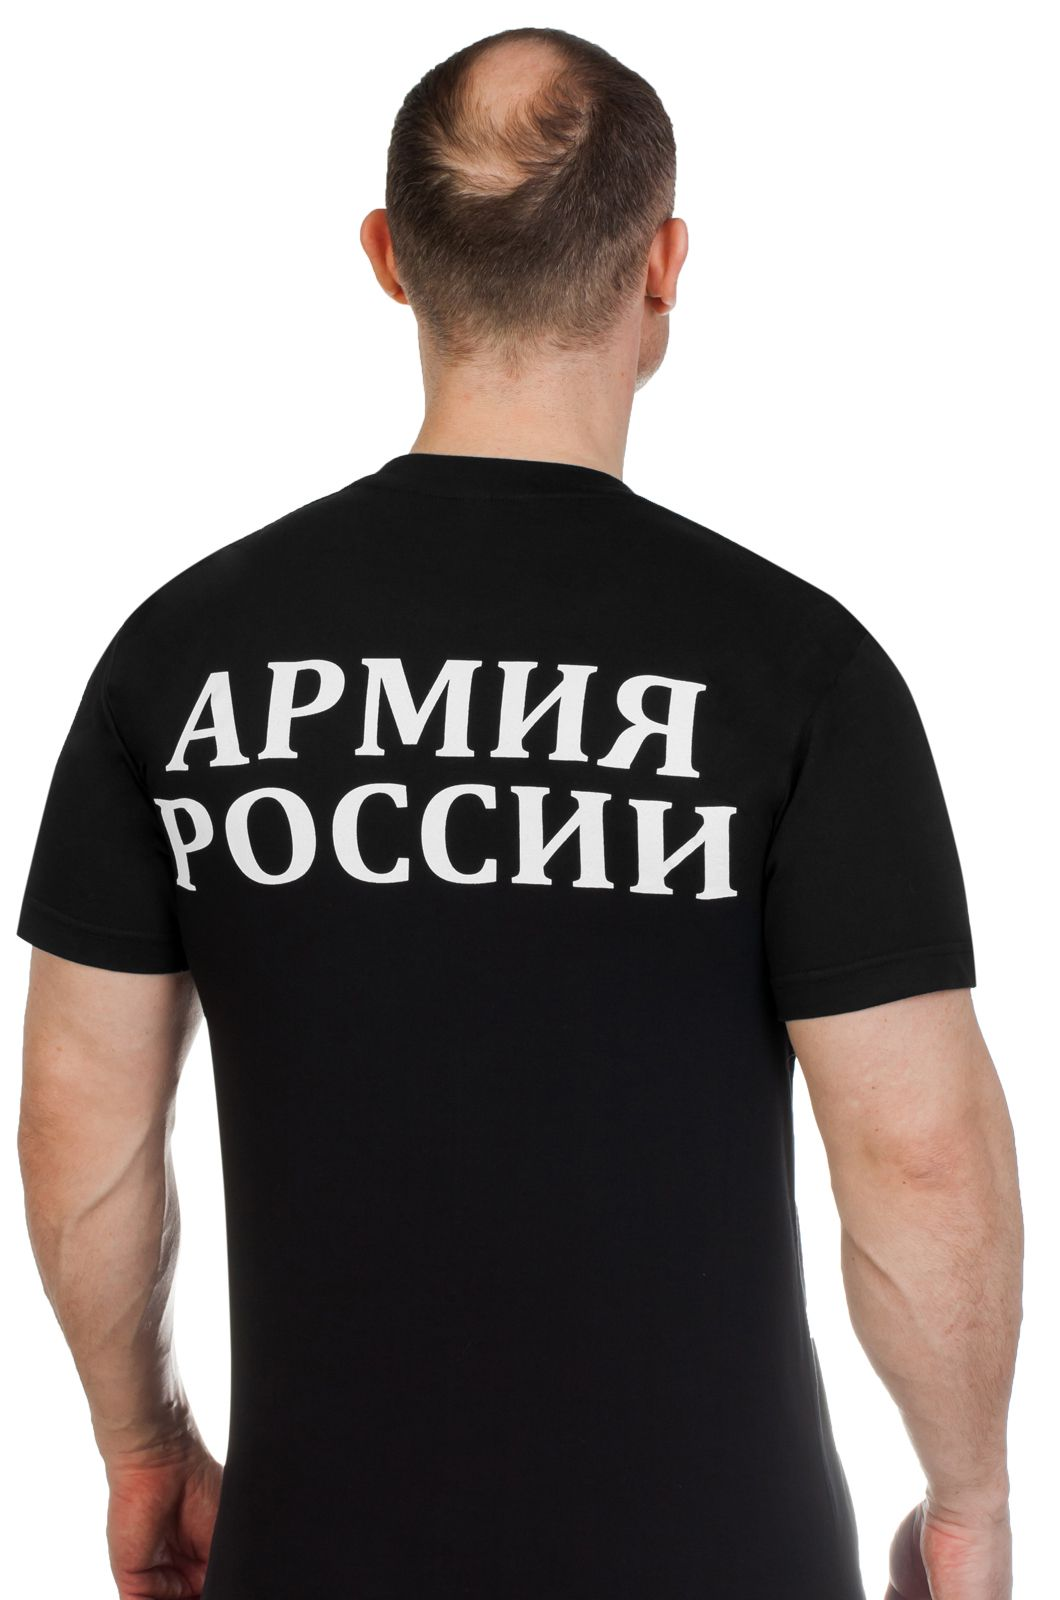 Футболка с надписью «Армия России» по лучшей цене